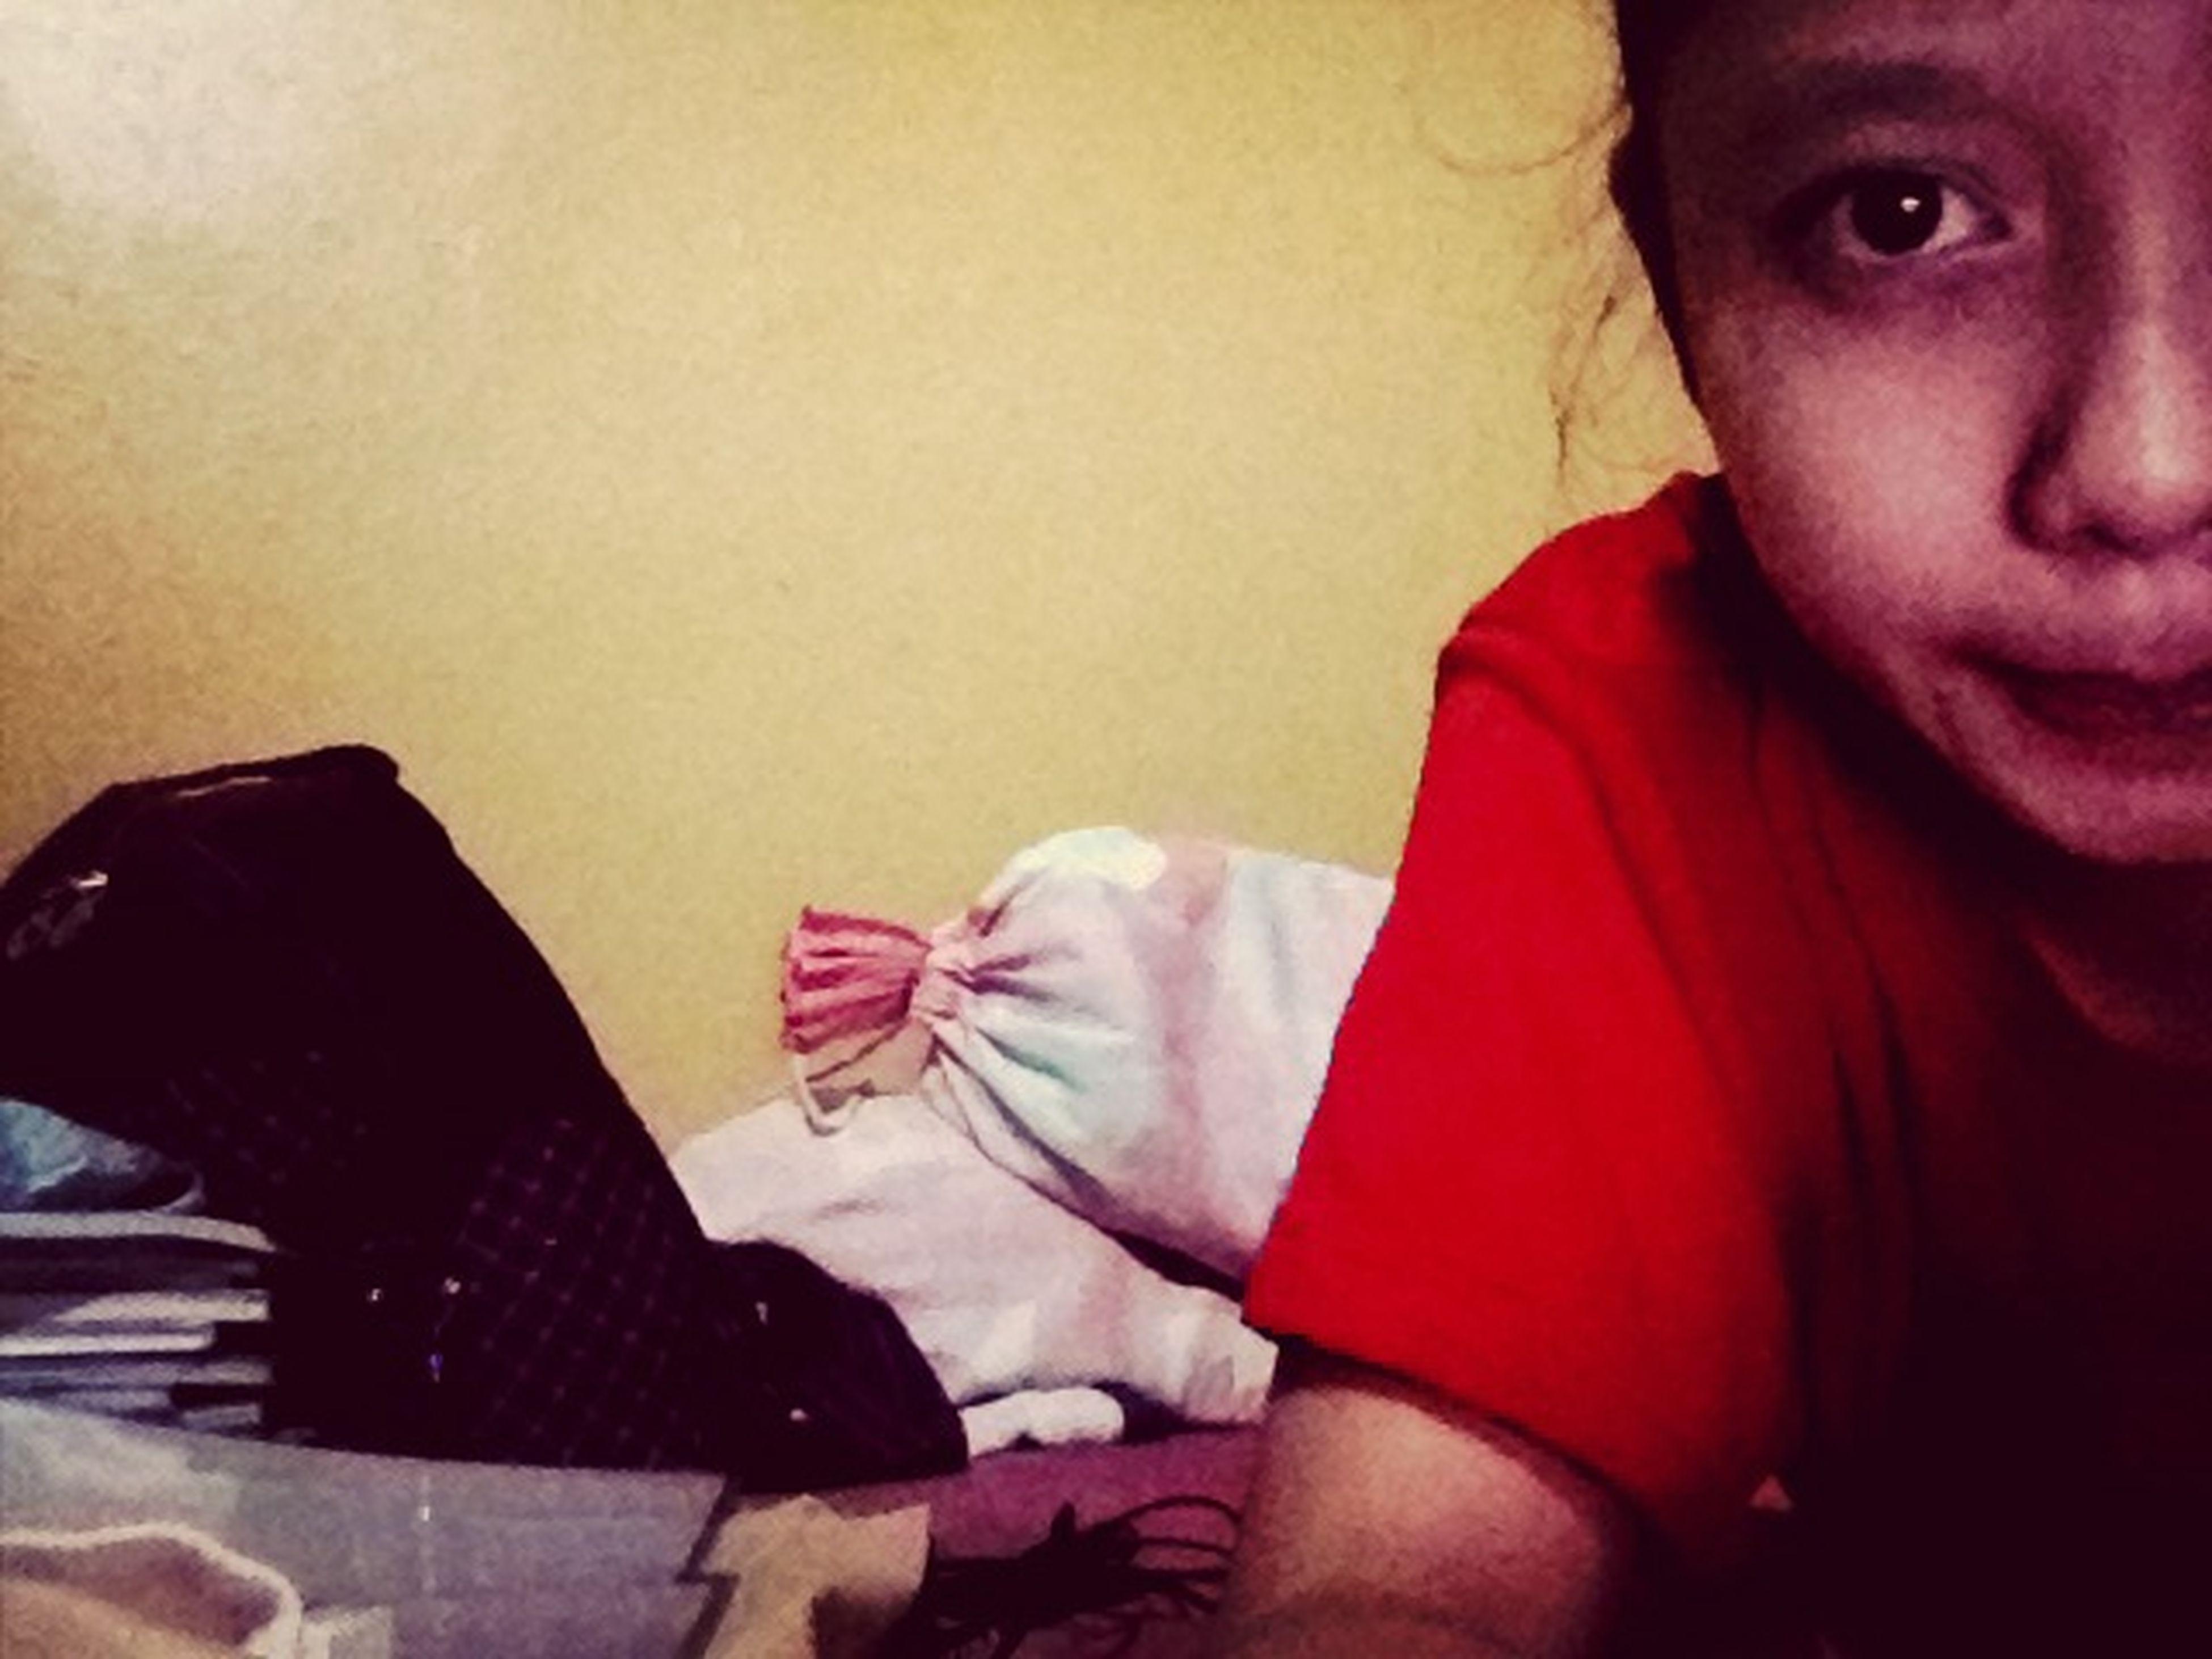 bored -3-